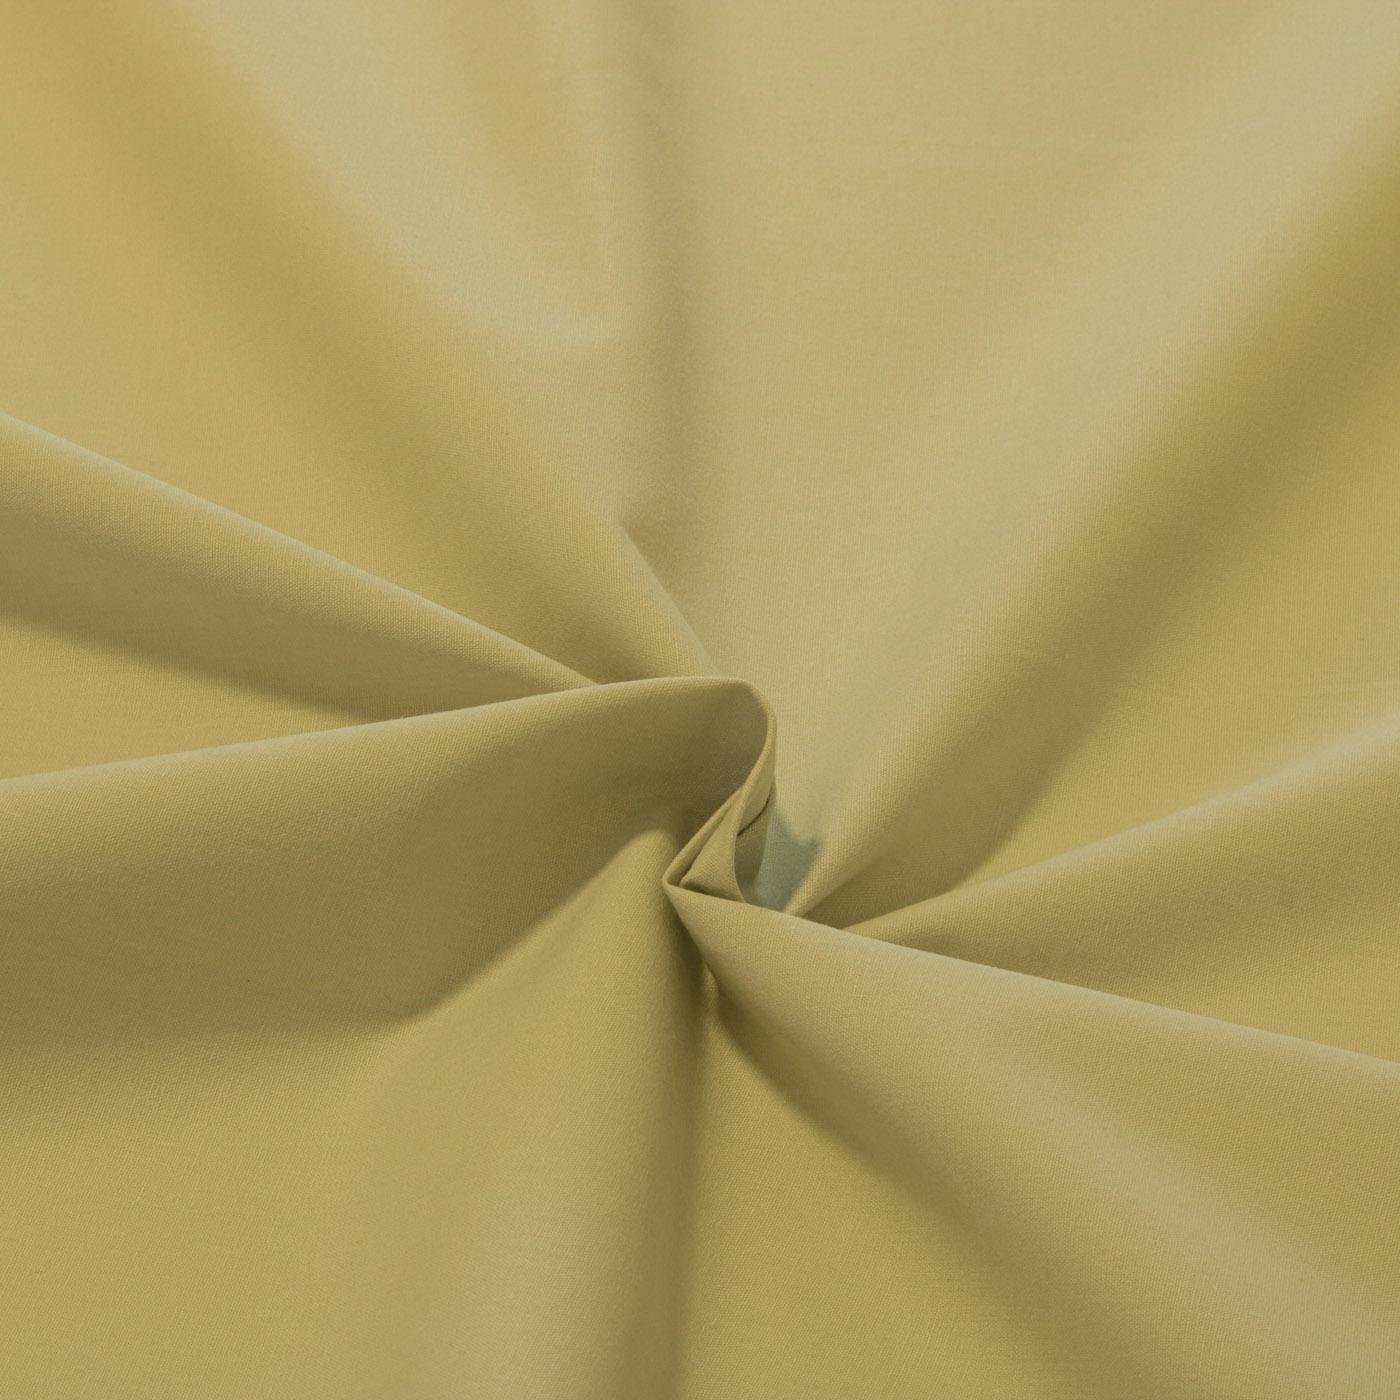 Tecido Percal Liso 100% Algodão 2,50 m Largura Areia